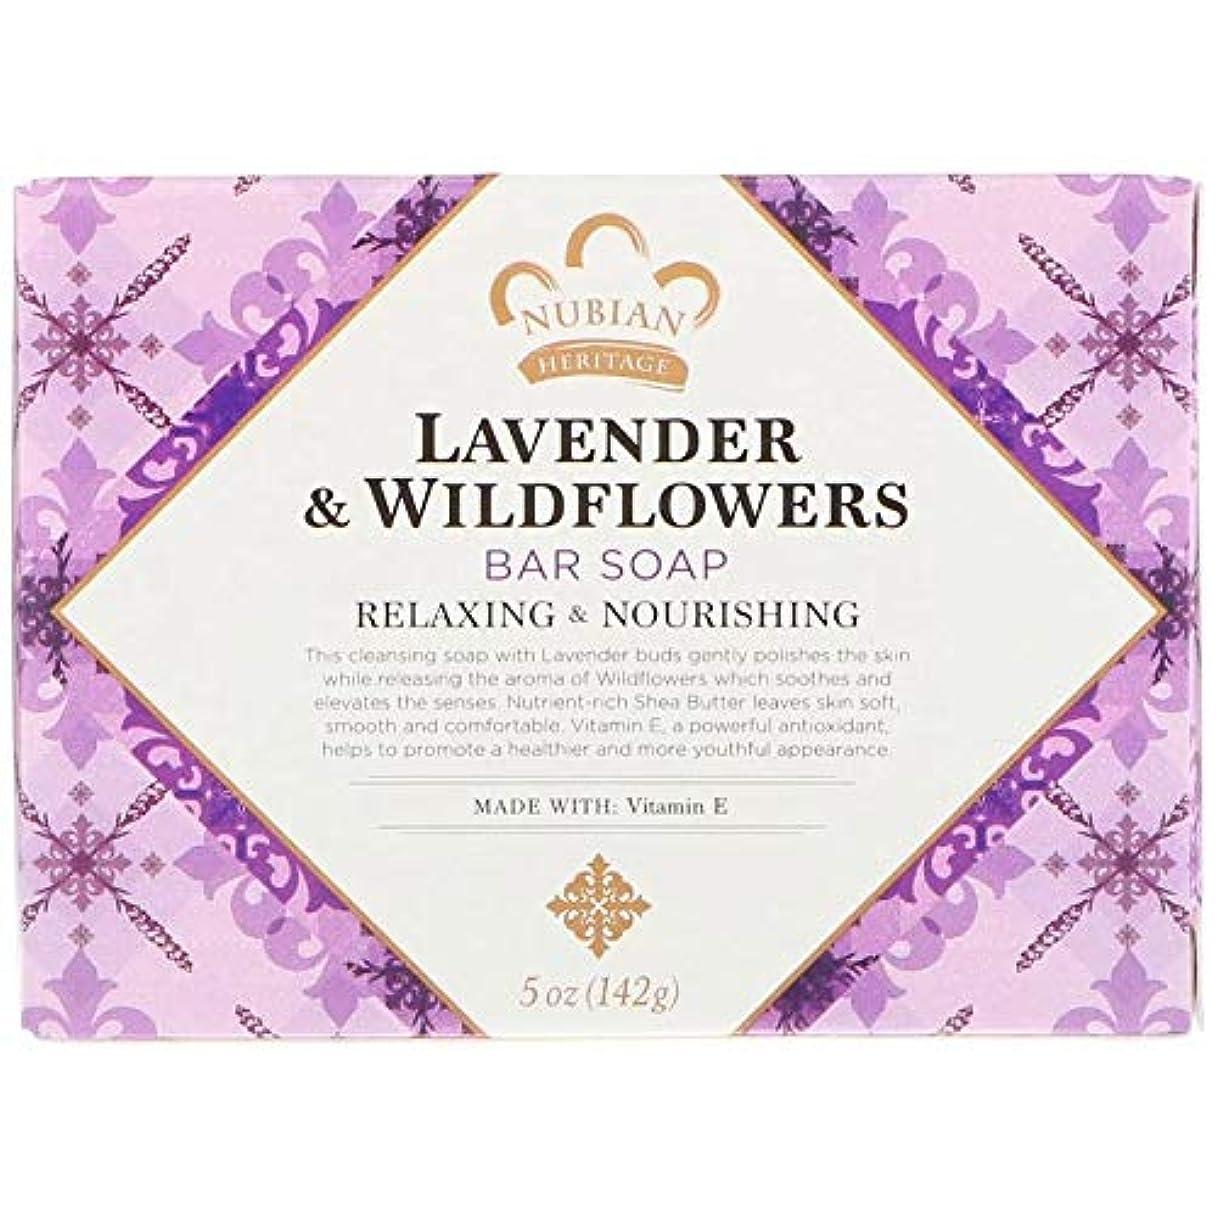 回路滑りやすい滑りやすいシアバターソープ石鹸 ラベンダー&ワイルドフラワー Lavender & Wildflowers Bar Soap, 5 oz (142 g) [並行輸入品]